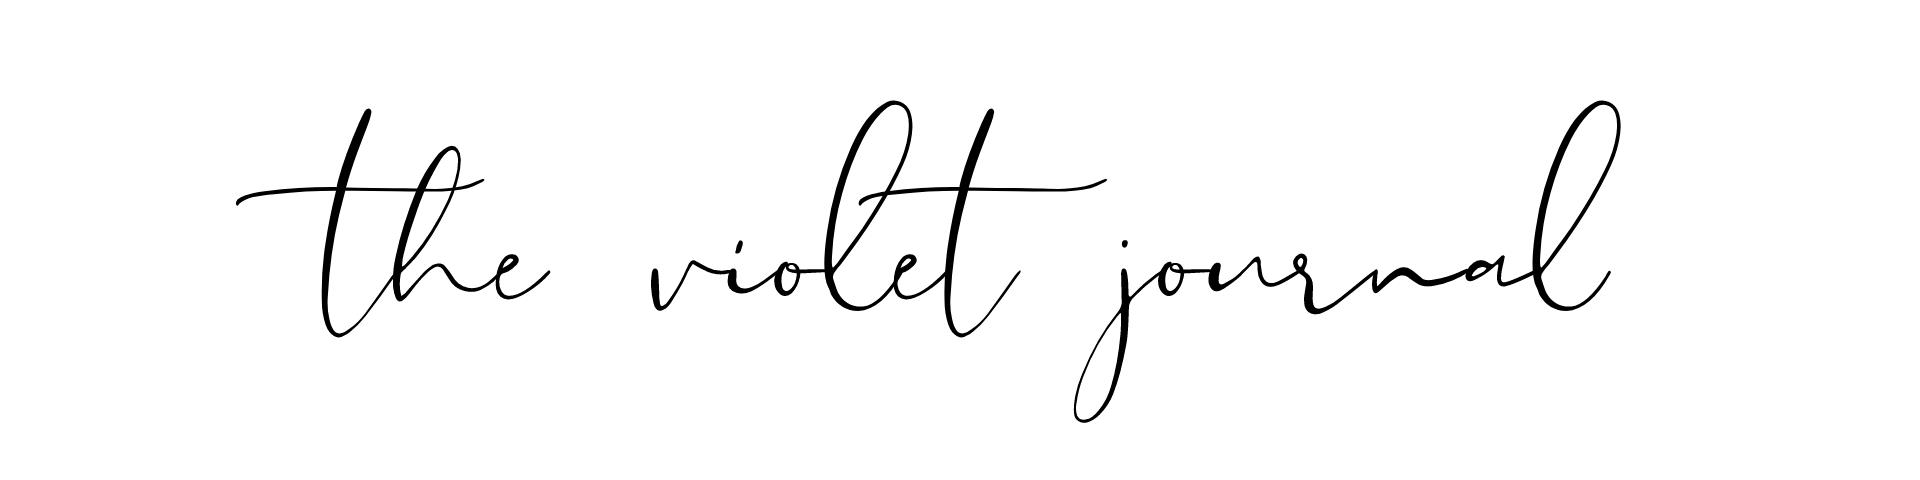 Thevioletjournal.com blog header